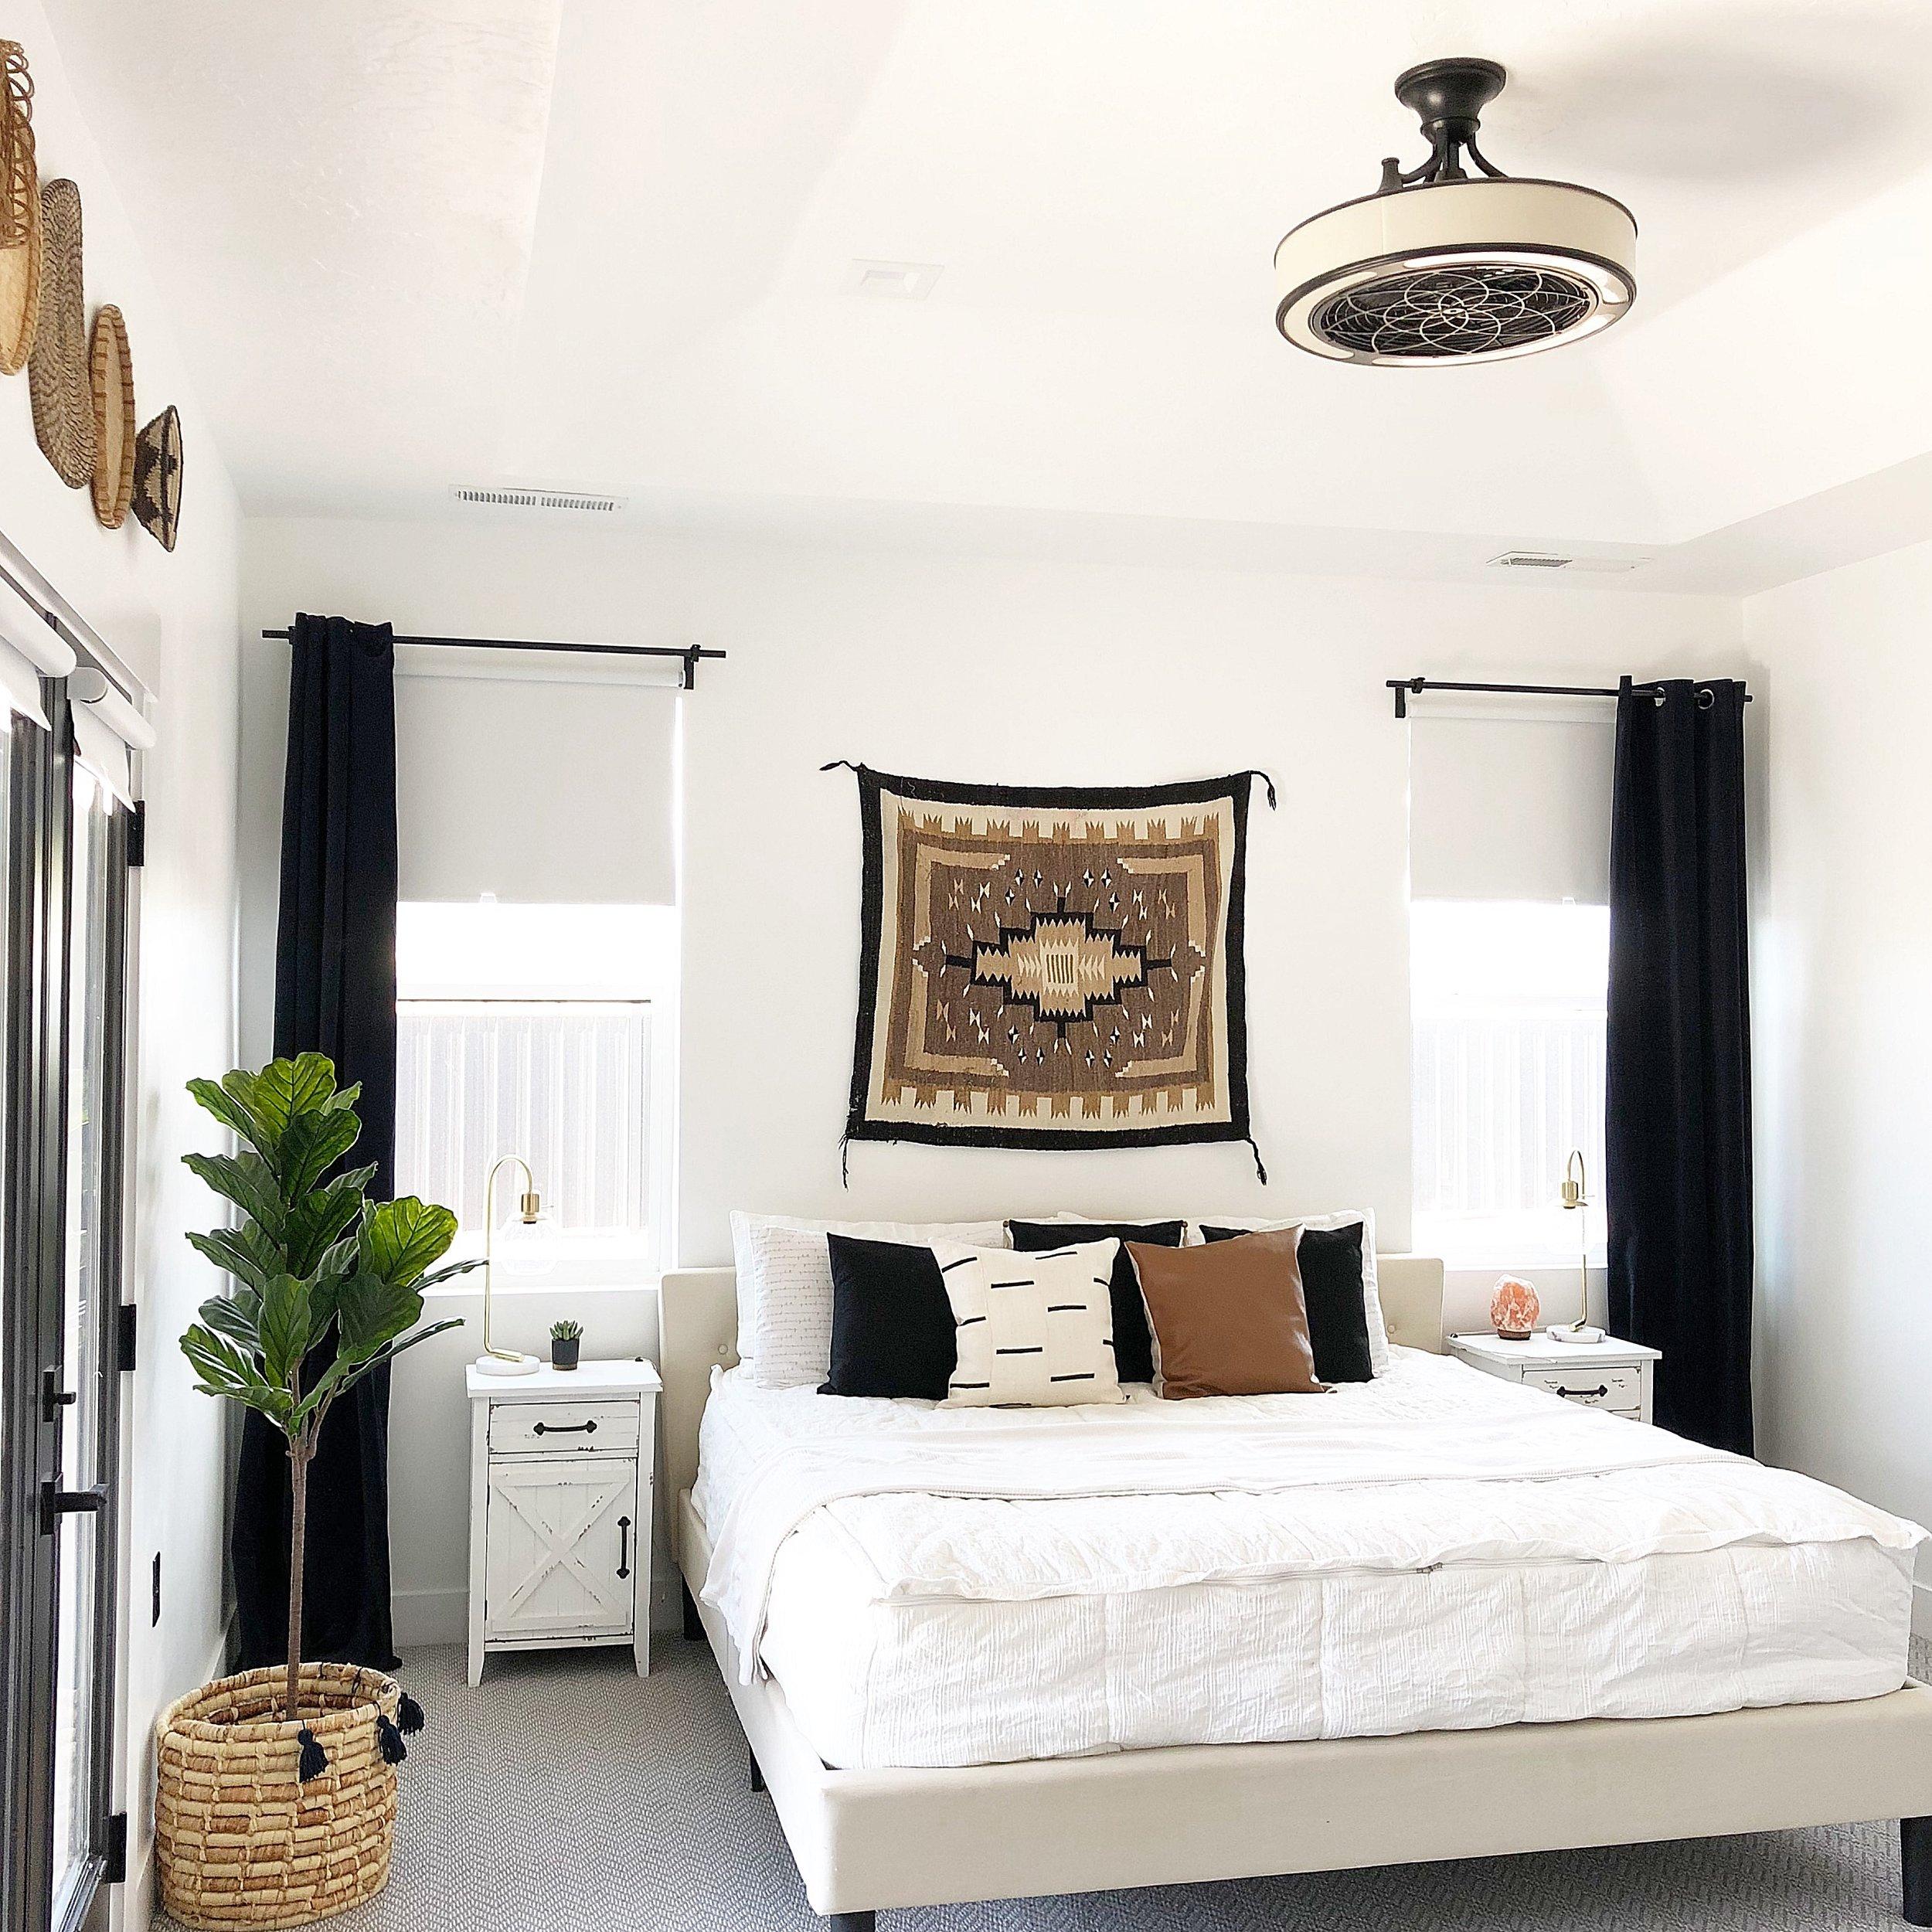 Ceiling fan -